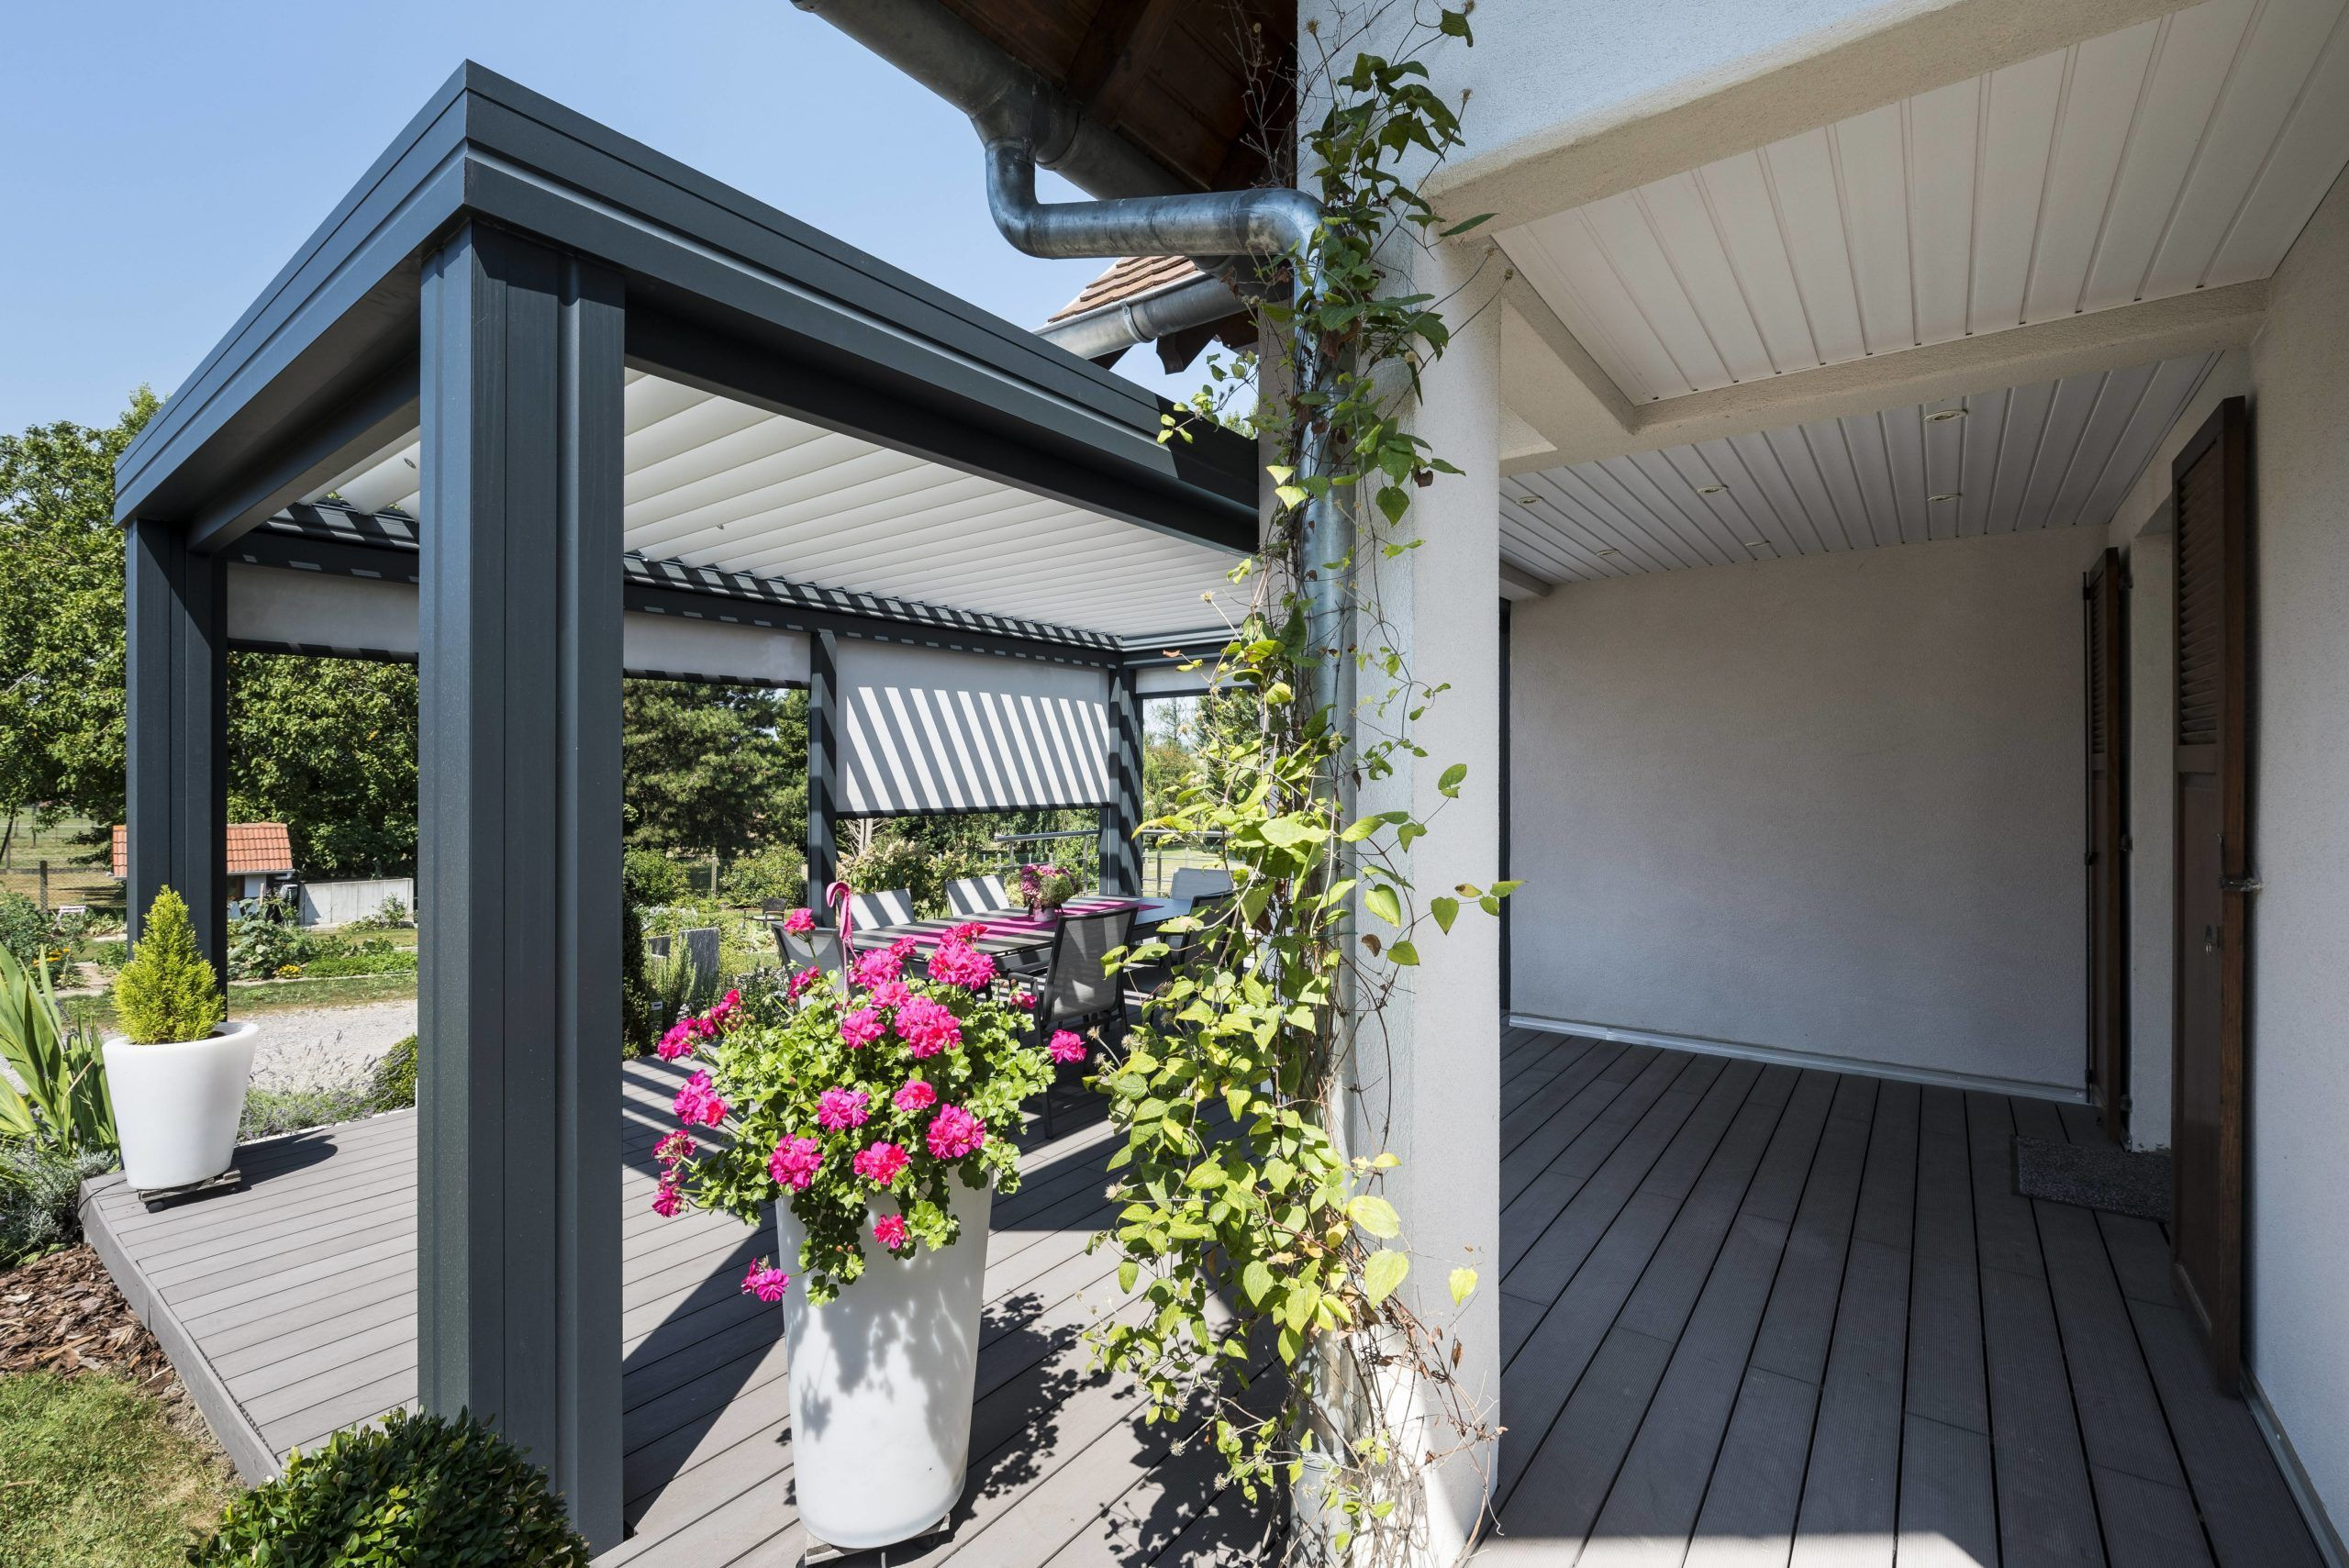 Poteau Bois Pour Terrasse acheter bois pour pergola pergola bois sur mesure poteau